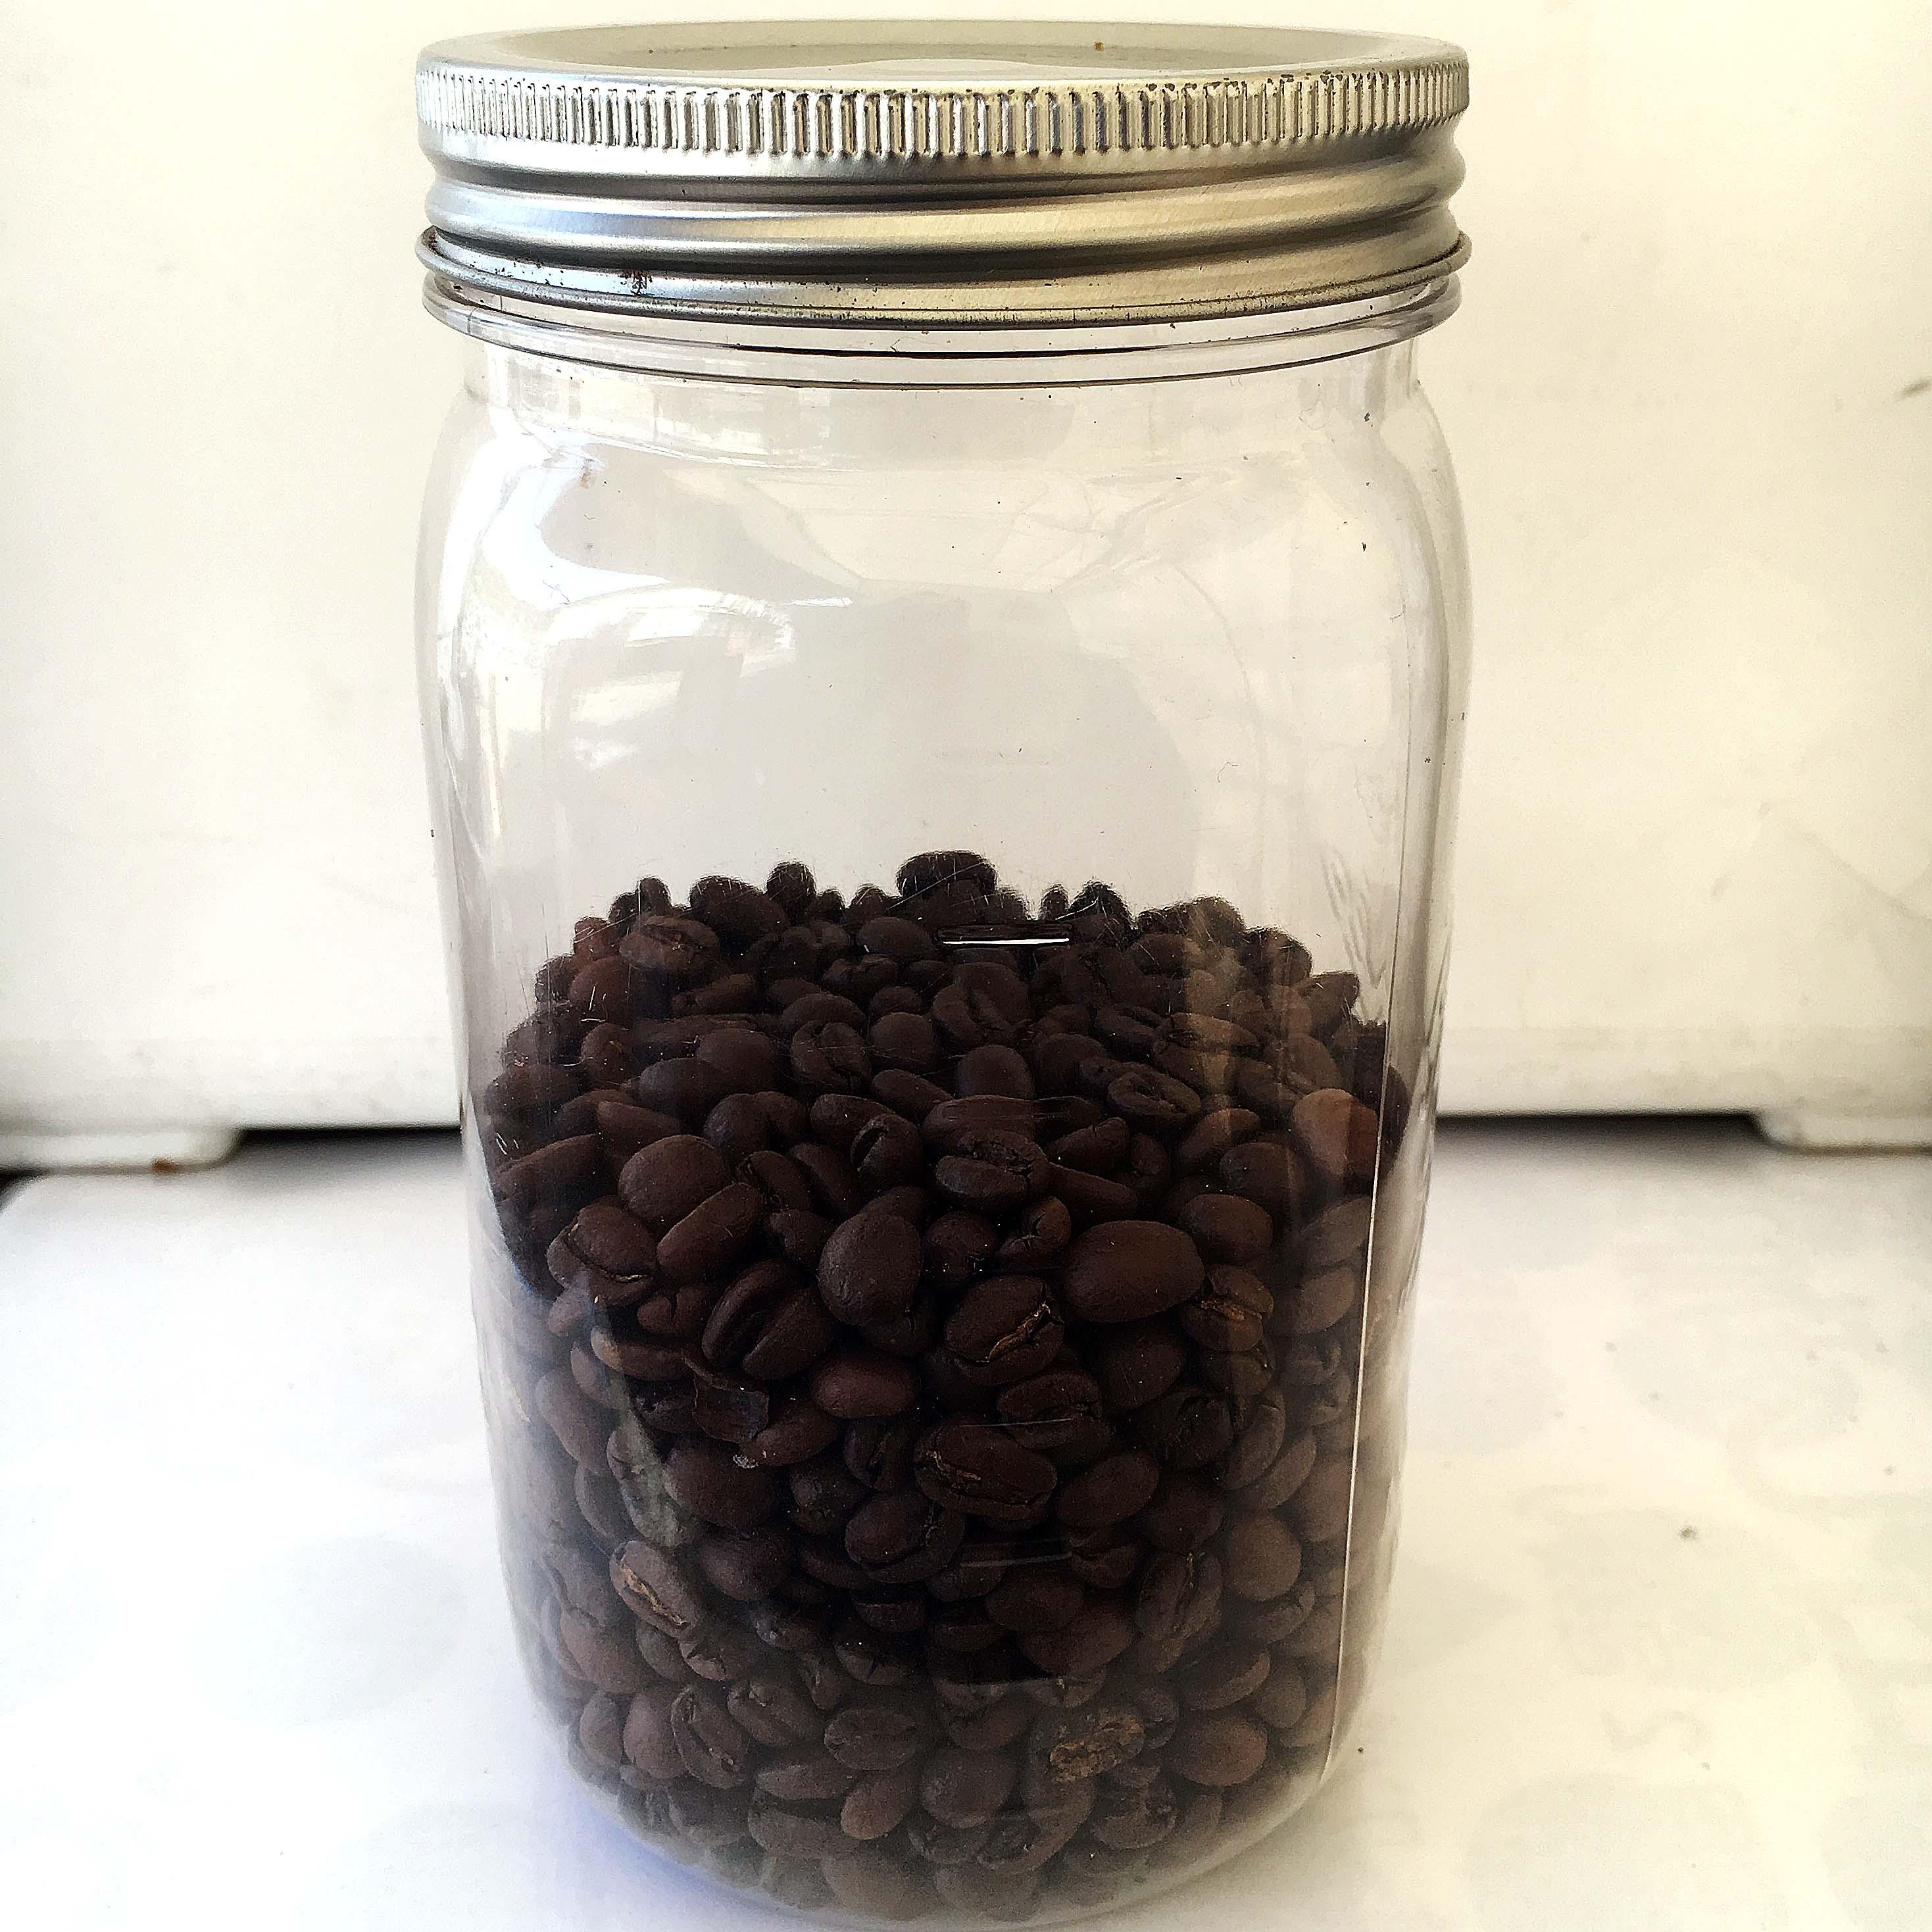 コーヒー豆の保存容器・ビン製キャニスター